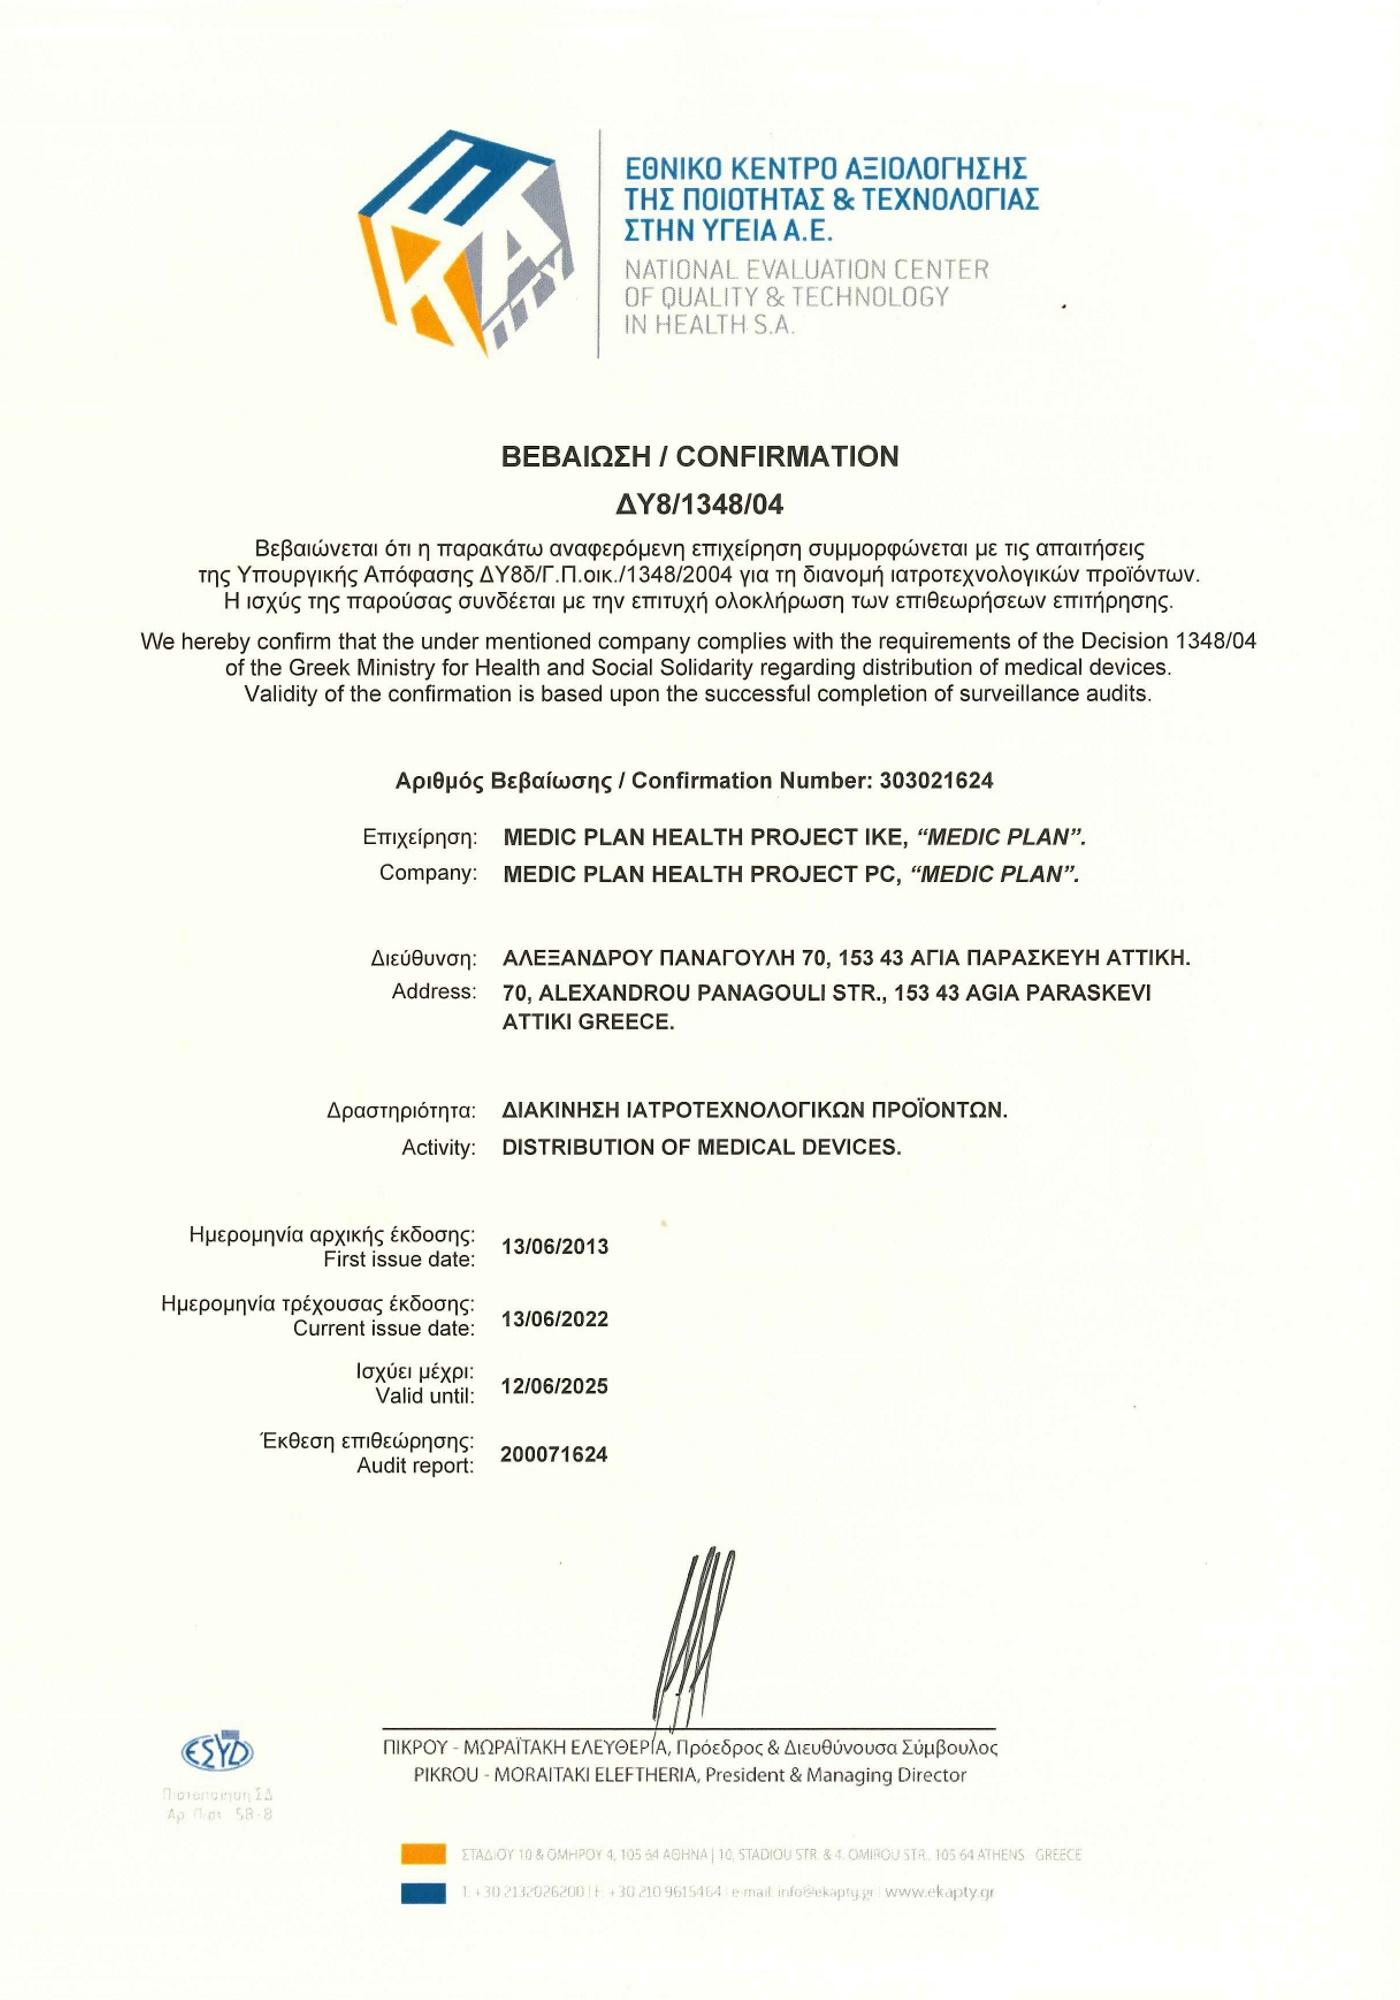 MEDIC-PLAN-DY8-1348-2004_gr